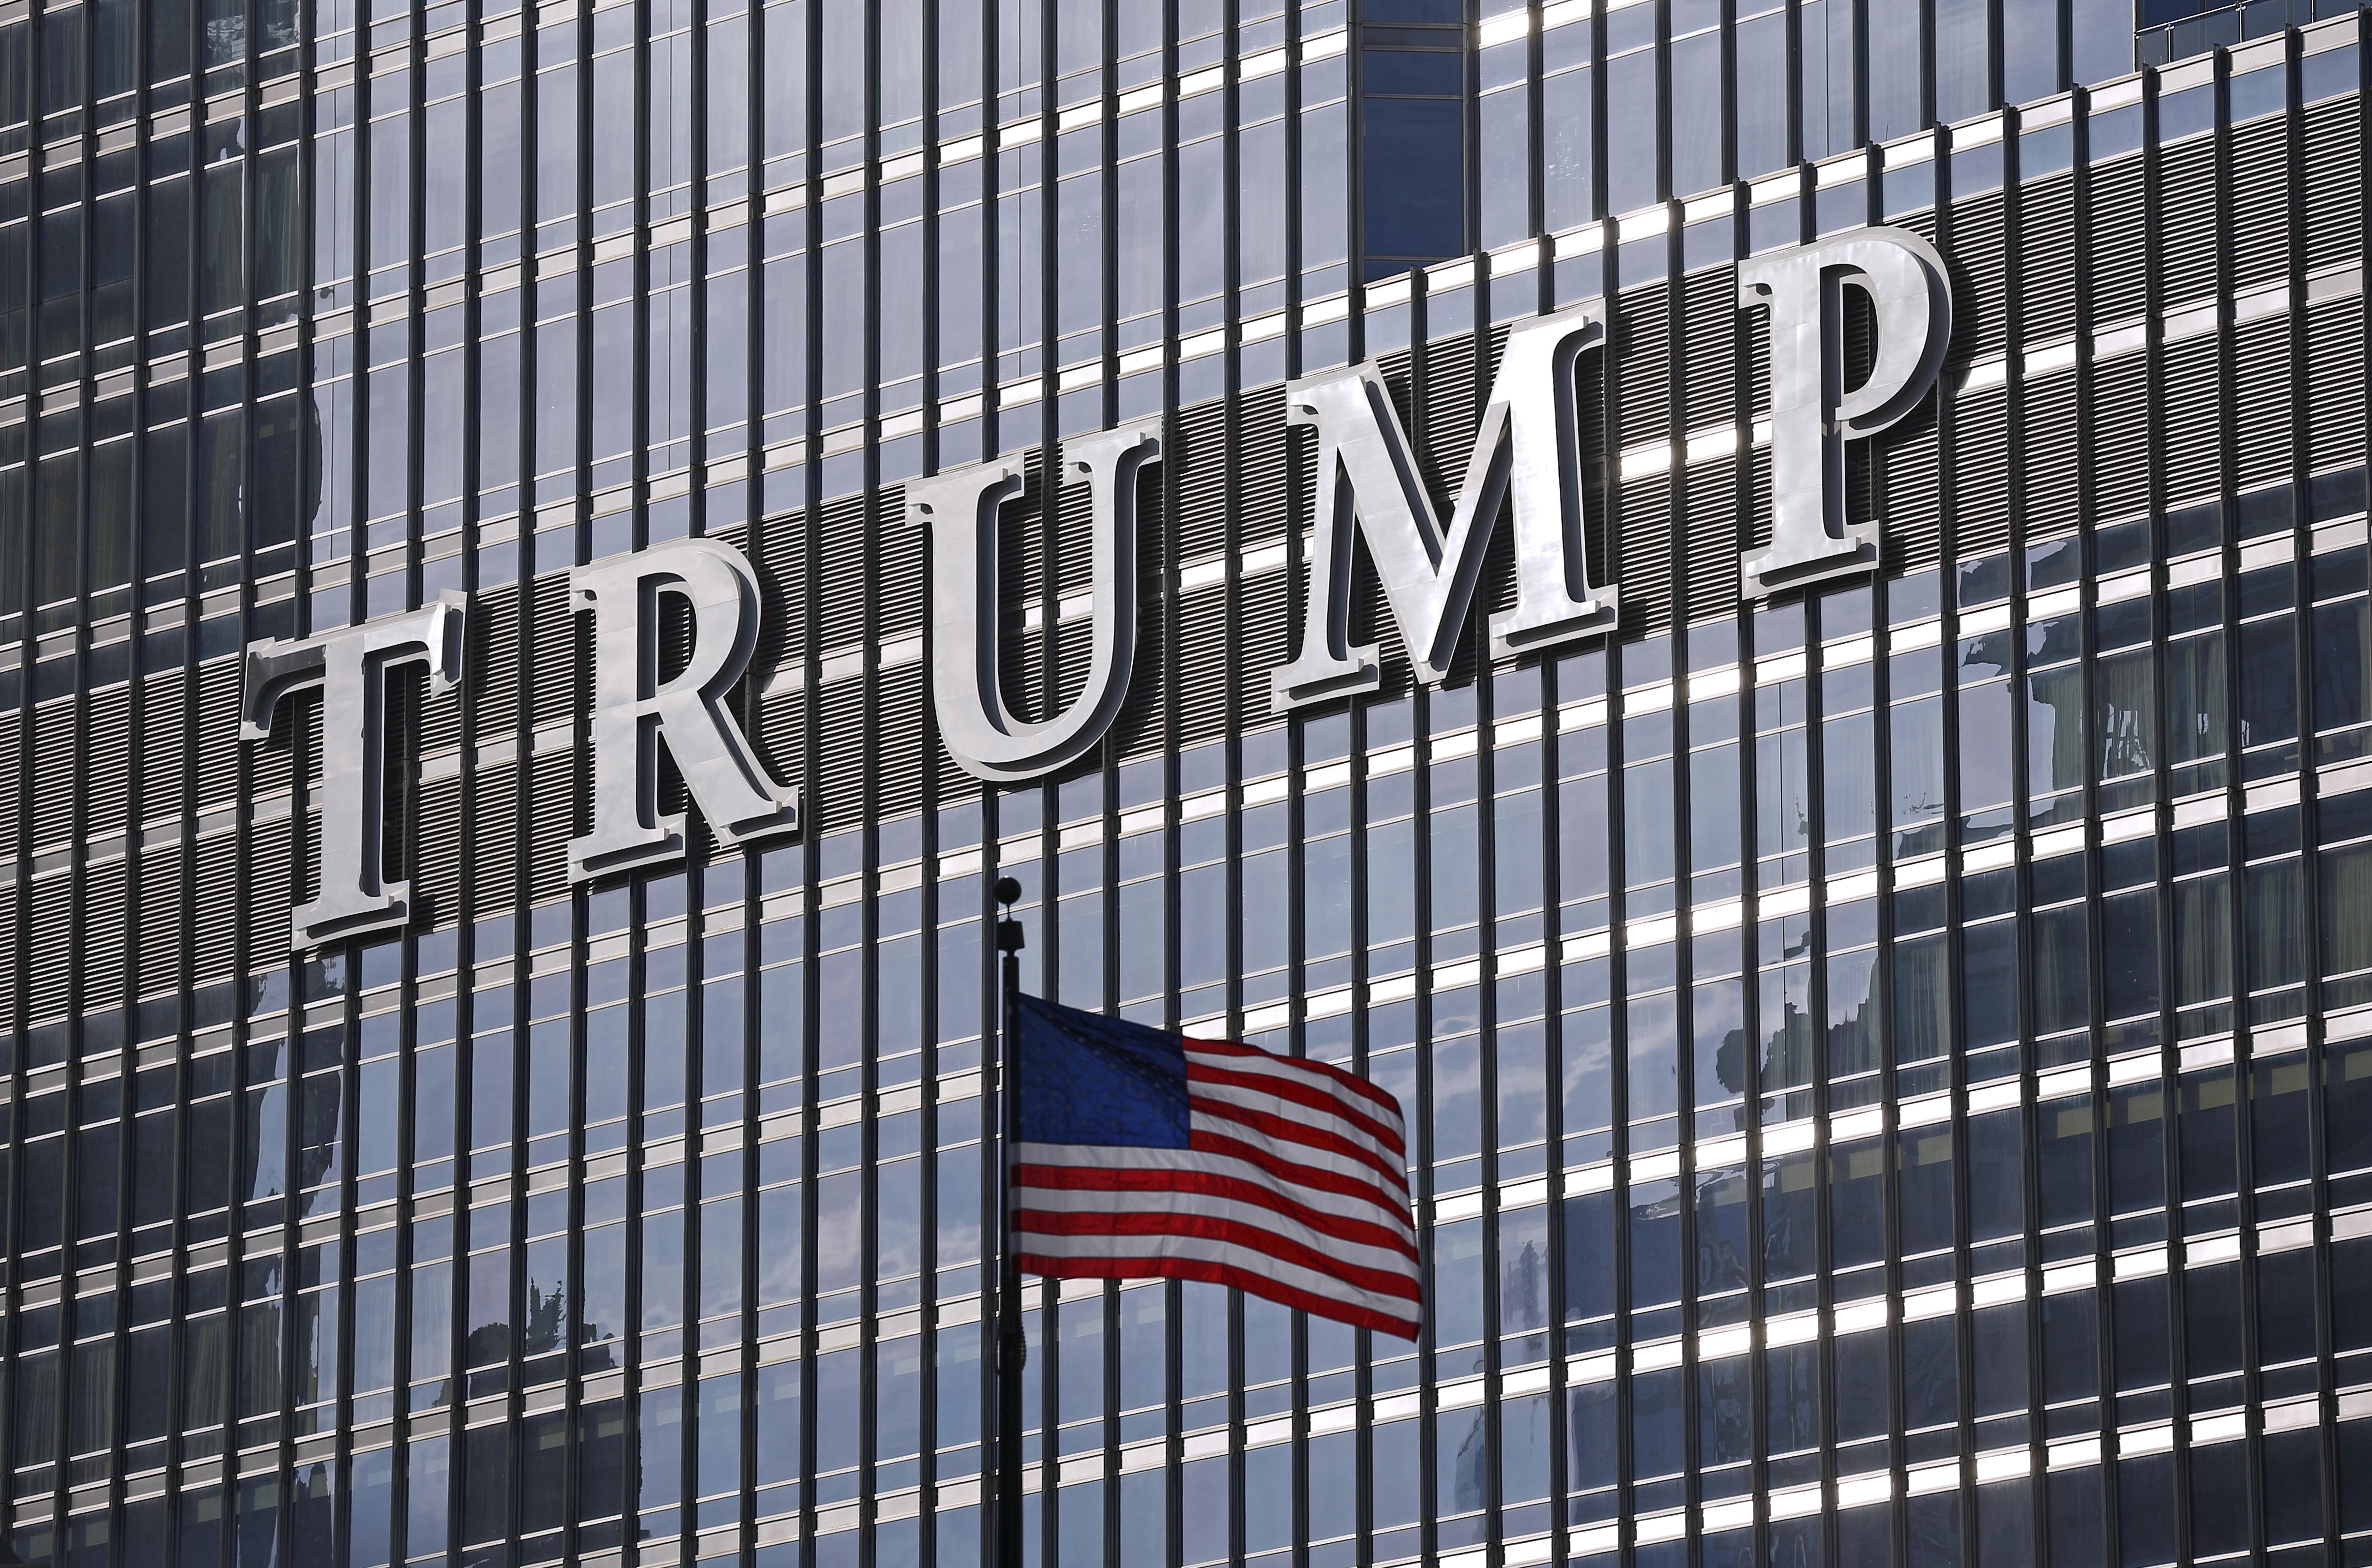 Büyük bankalar Trump'tan uzaklaşmaya çalışıyor